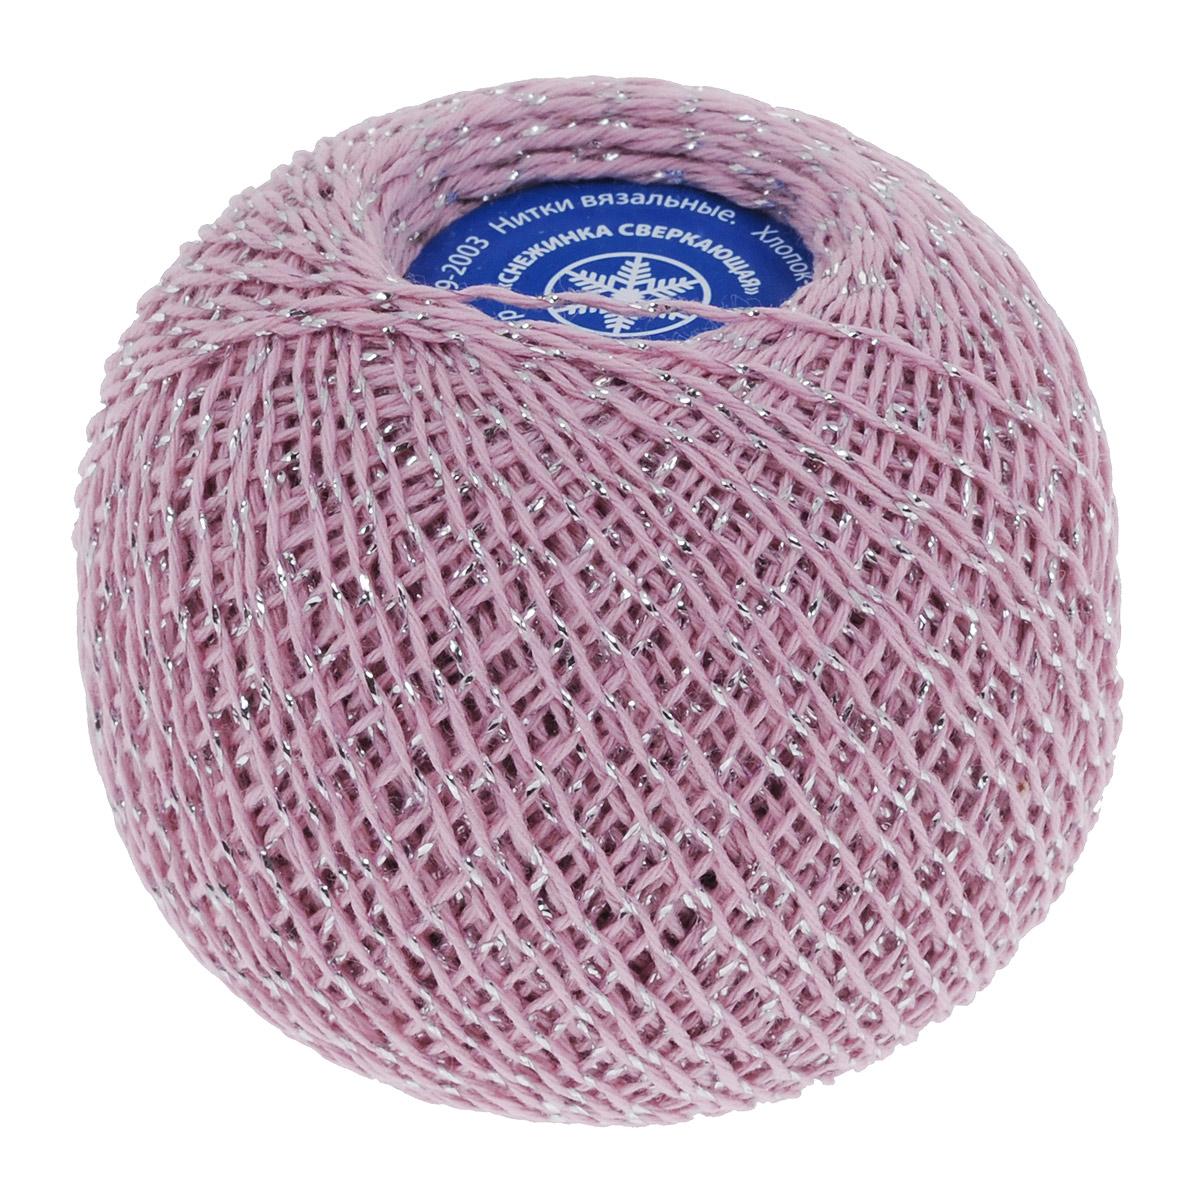 Нитки вязальные Снежинка сверкающая, комбинированные, цвет: грязно-розовый (1001), 195 м, 25 г, 4 шт0231002919778Вязальные нитки в пять сложений Снежинка сверкающая изготовлены из 92% хлопка и 8% металлизированной нити. Добавление люрекса придает нитке блестящий праздничный вид. Изделие, связанное из такой нити, легко набирает и легко отдает влагу. Окраска устойчива, особо прочная. В наборе - 4 клубка. С их помощью вы сможете связать своими руками необычные и красивые вещи. Состав: 92% хлопок, 8% металлизированная нить. Количество сложений: 5. Линейная плотность: 130 текс. Вес: 25 г. Длина нити: 195 м.